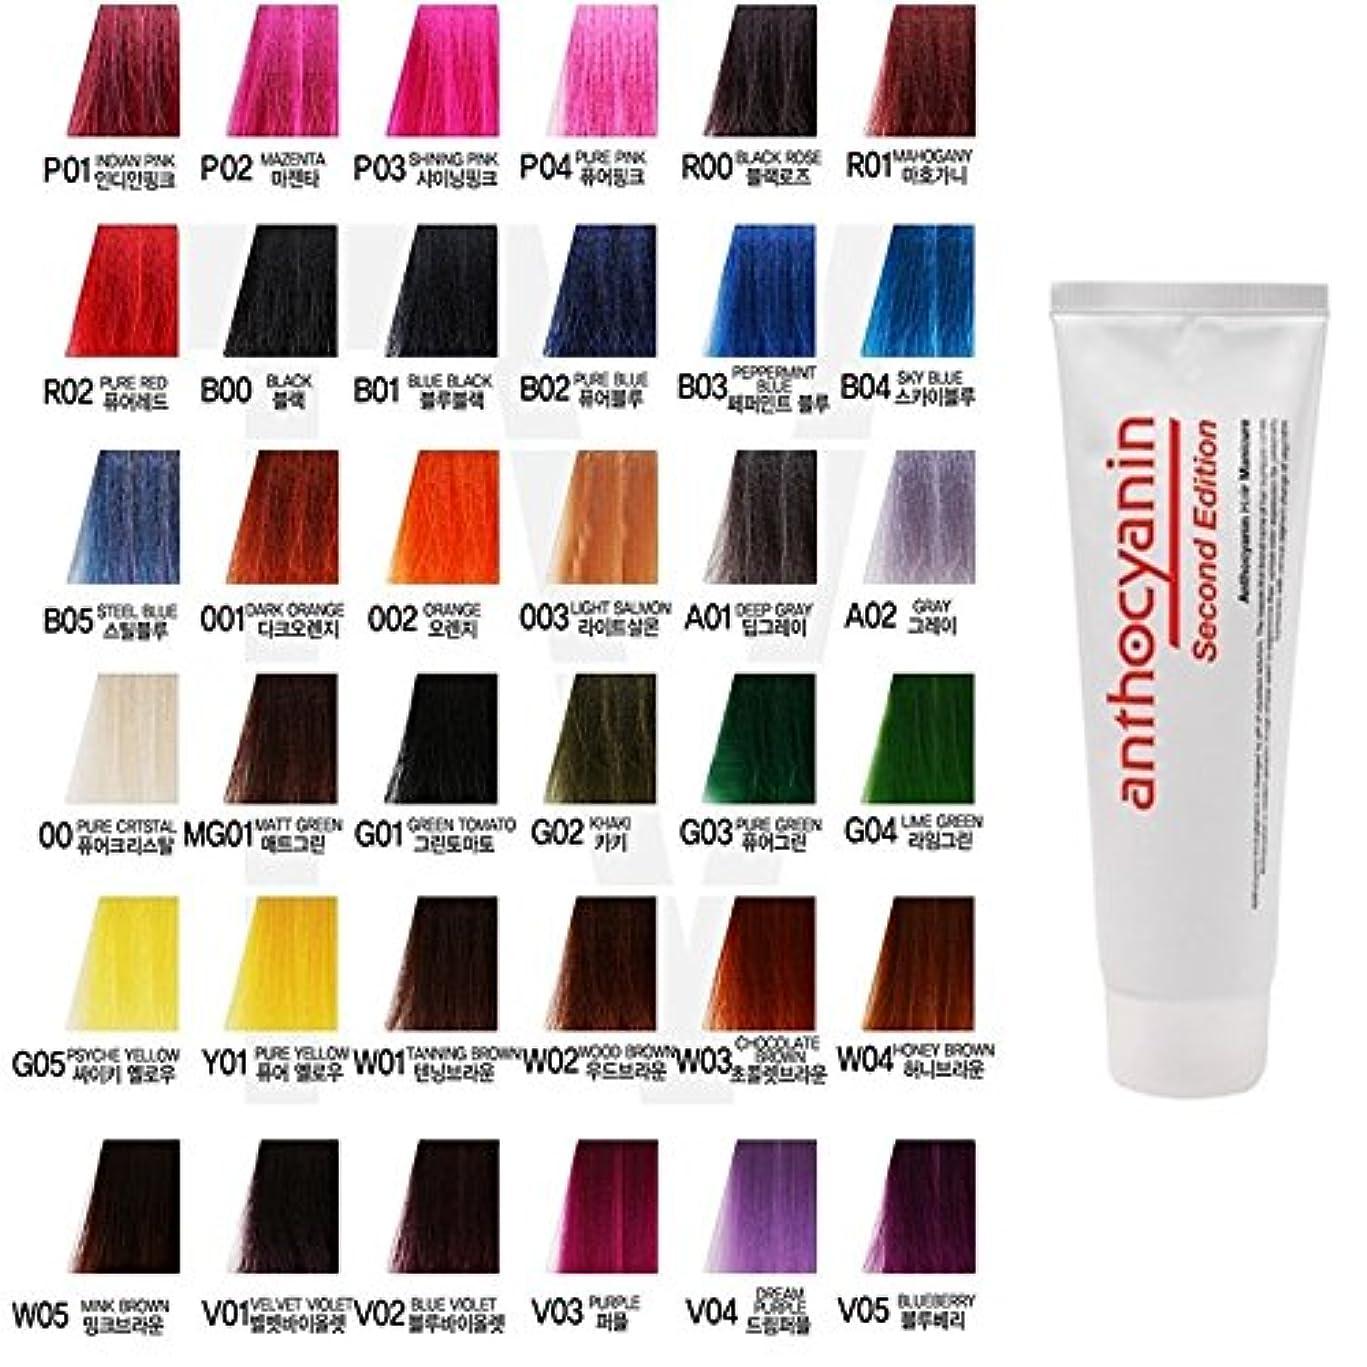 支援する吐き出すフィットヘア マニキュア カラー セカンド エディション 230g セミ パーマネント 染毛剤 ( Hair Manicure Color Second Edition 230g Semi Permanent Hair Dye) [並行輸入品] (004 Pure Crystal)